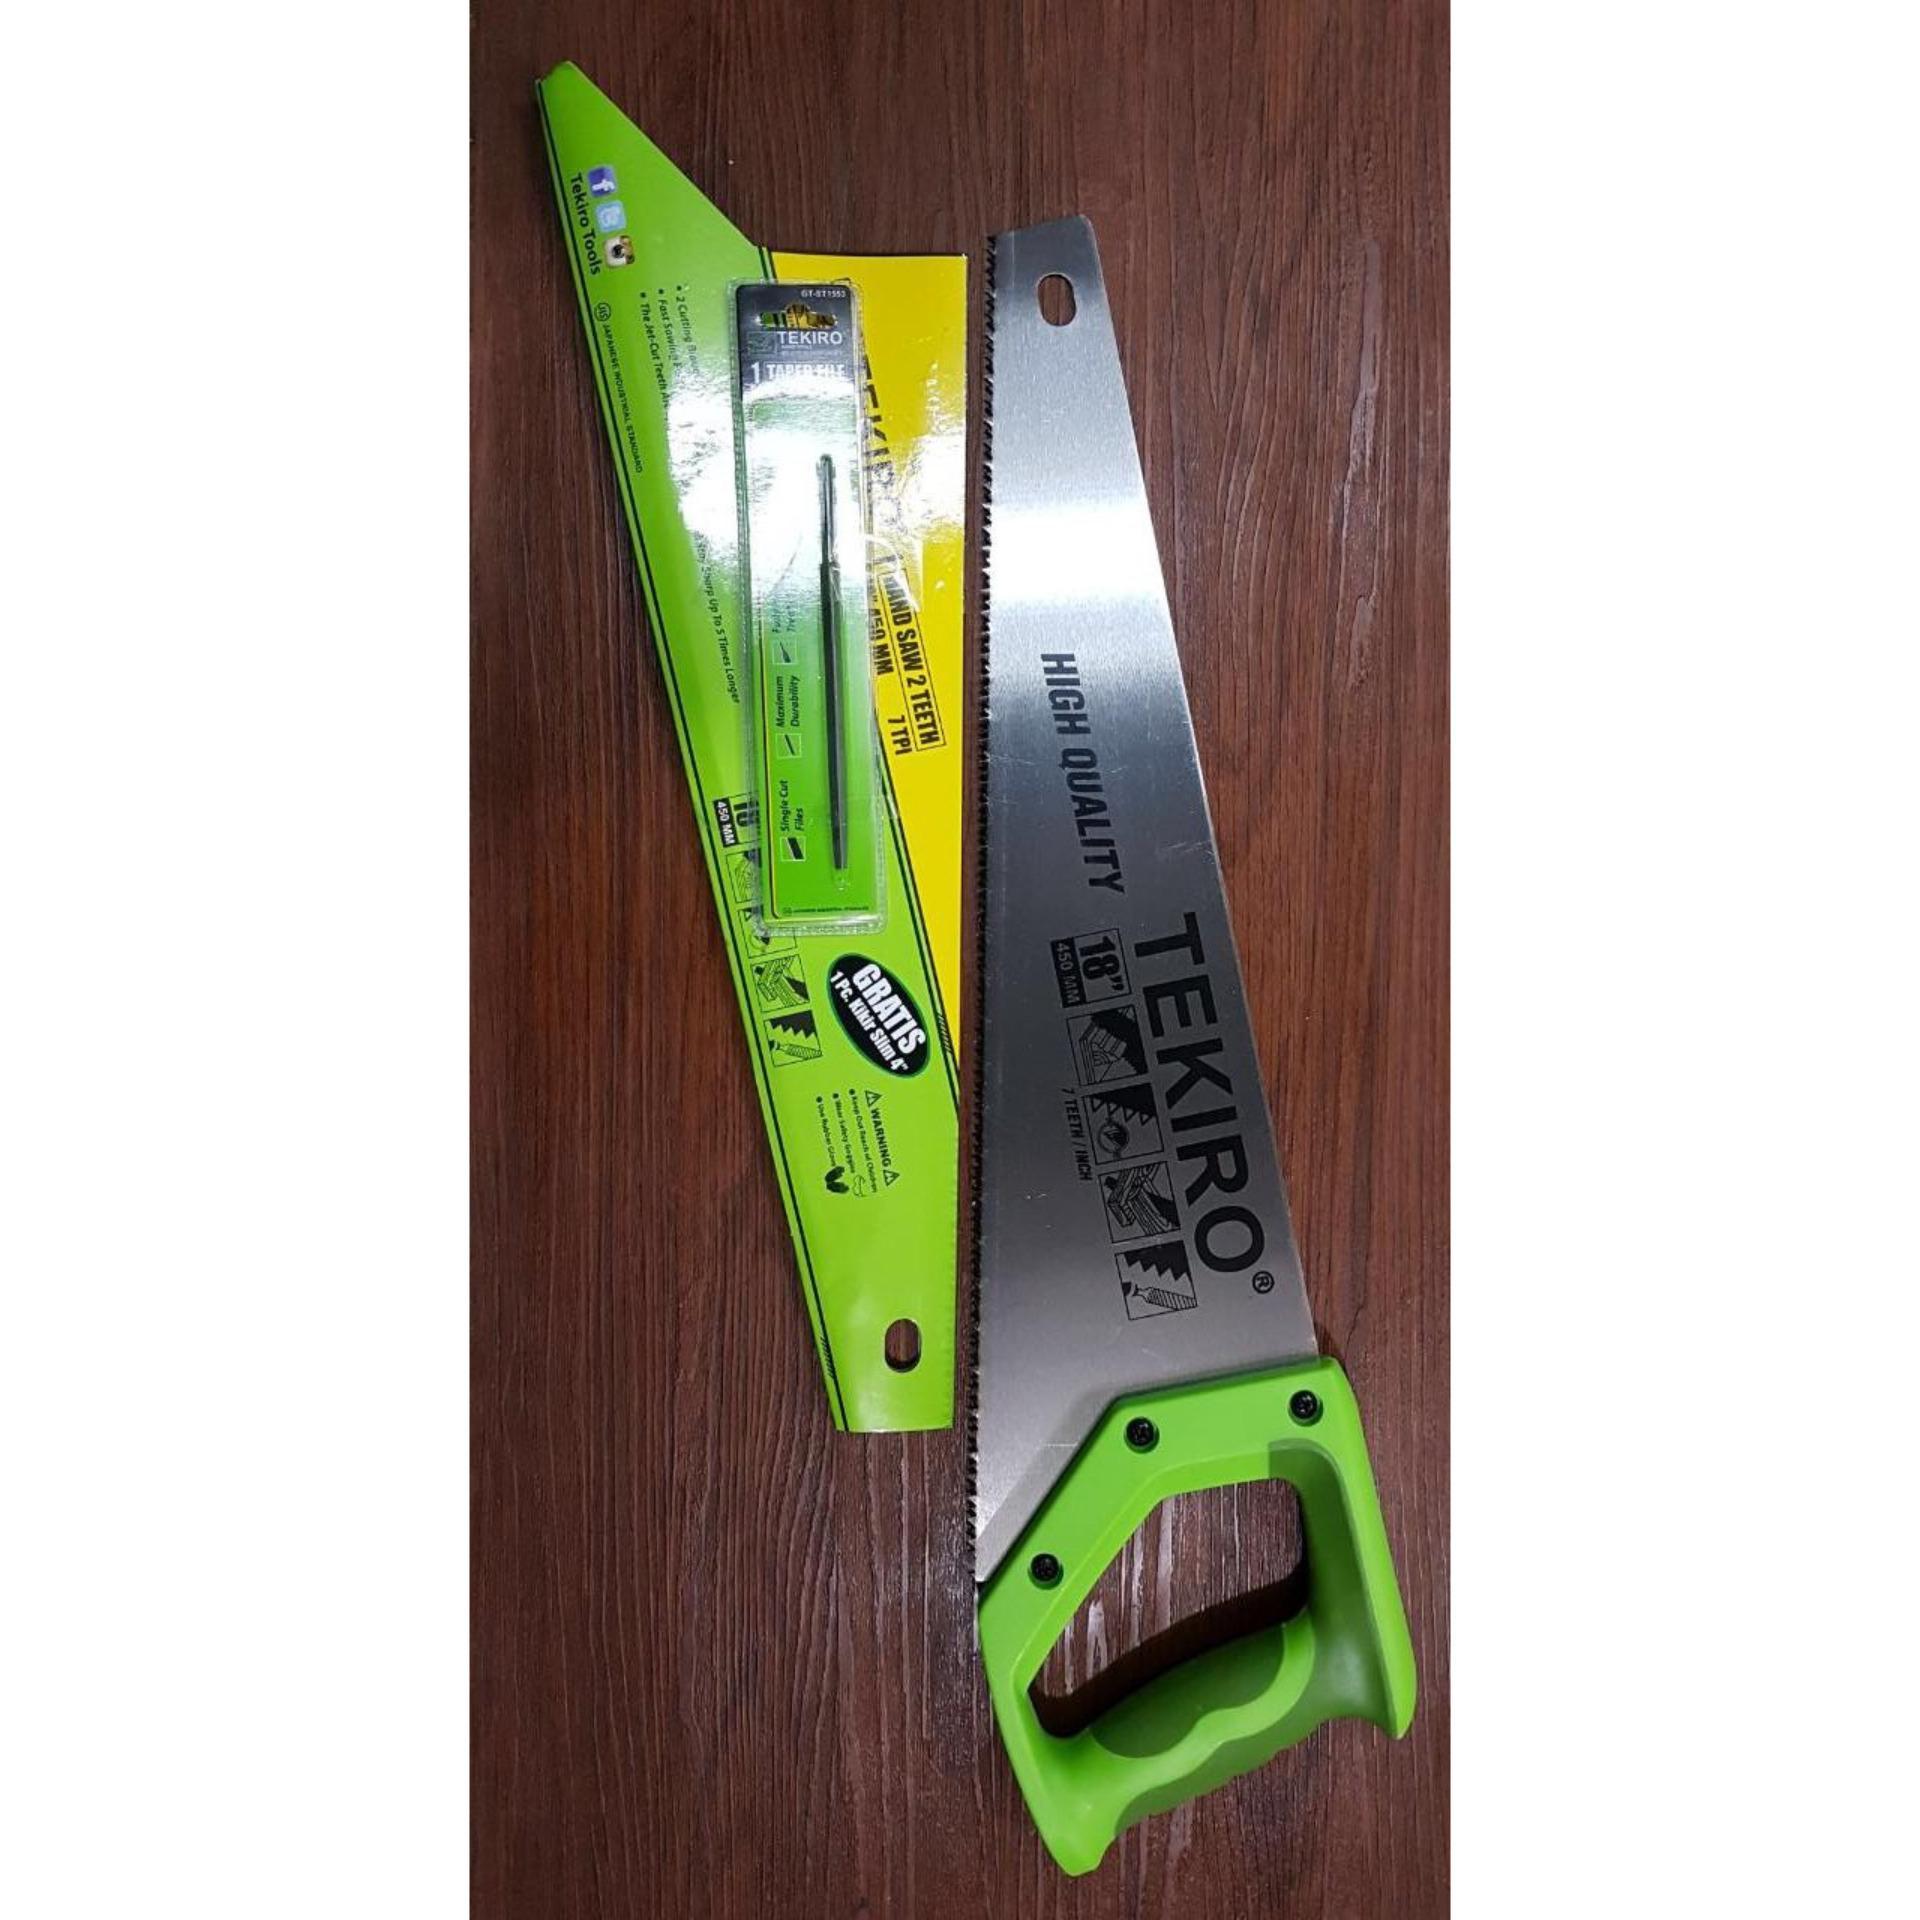 Tekiro Mata Gergaji Besi 18 Tpi Hacksaw Blade Daftar Harga Sandflex Tp24 Original Review Of Kayu 2 Inch Belanja Murah Hanya Rp62790